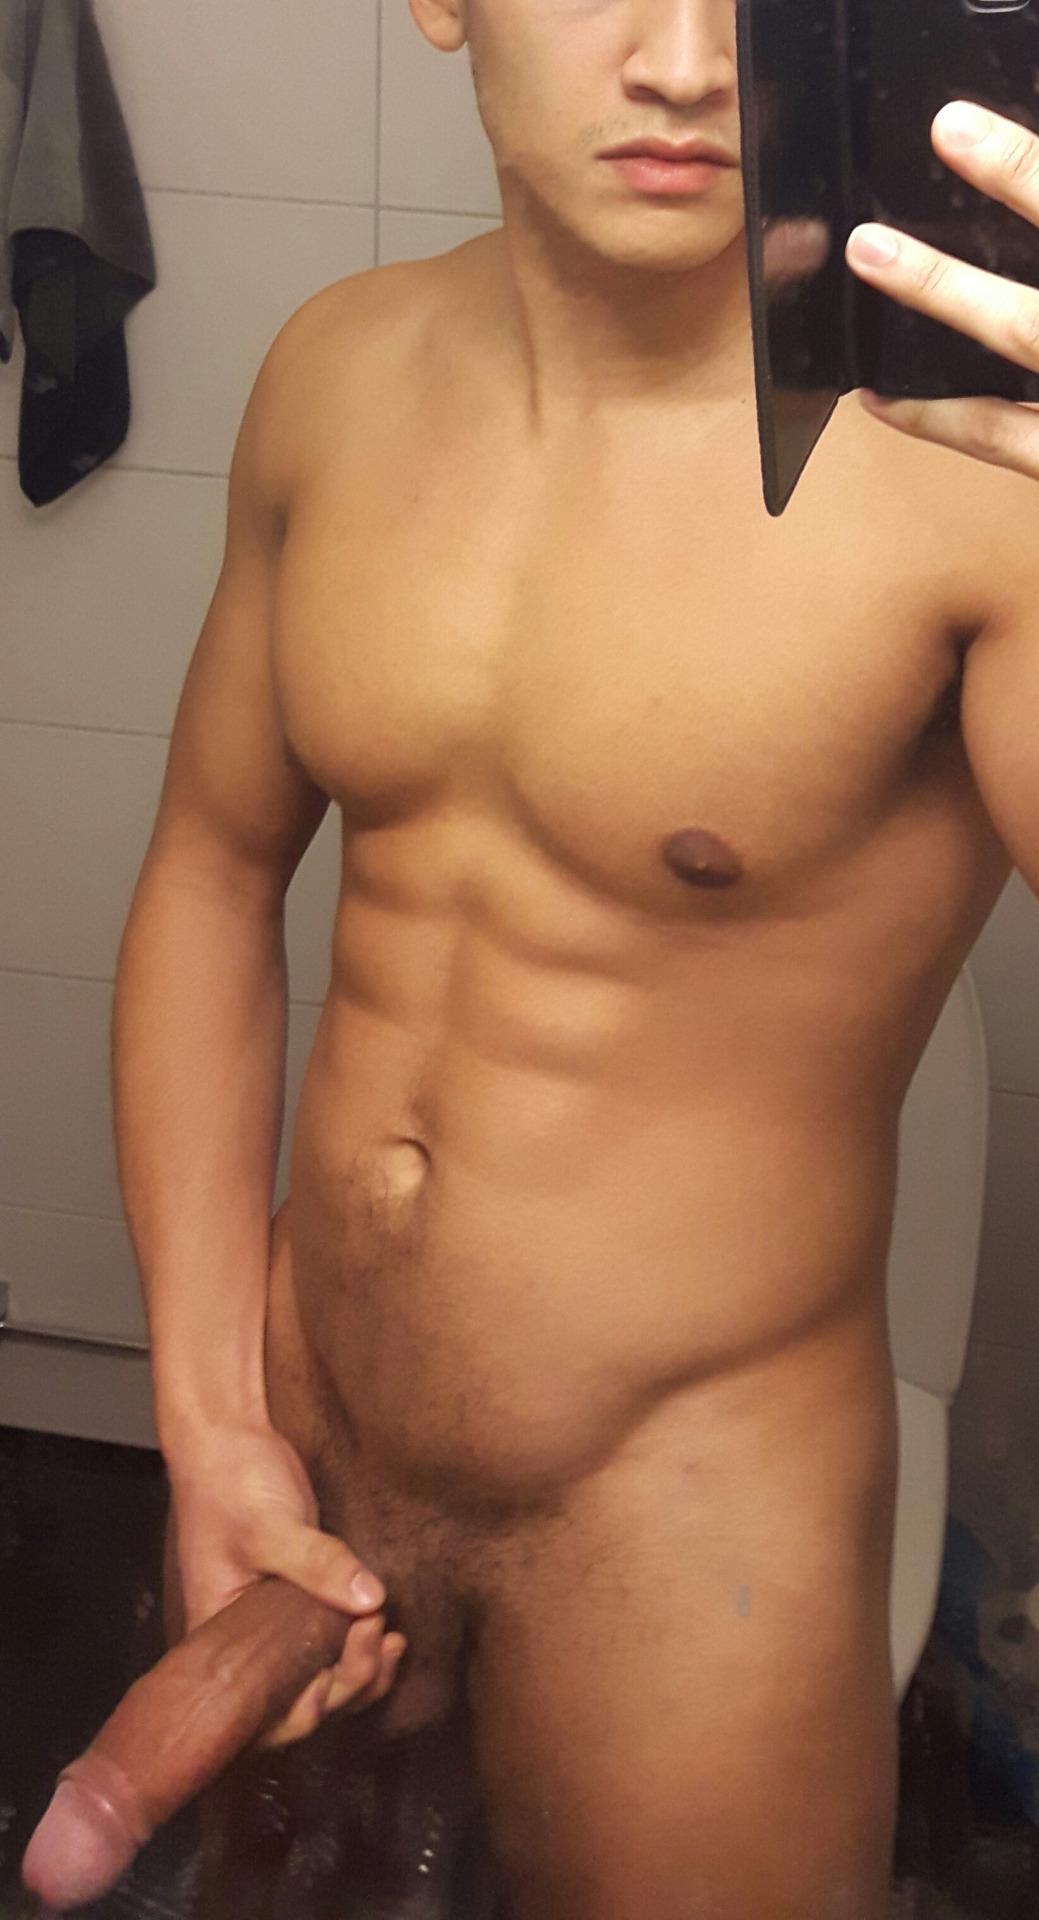 【ゲイ】●オナニー用おかず画像160●【専用】 [無断転載禁止]©bbspink.comYouTube動画>5本 ->画像>837枚